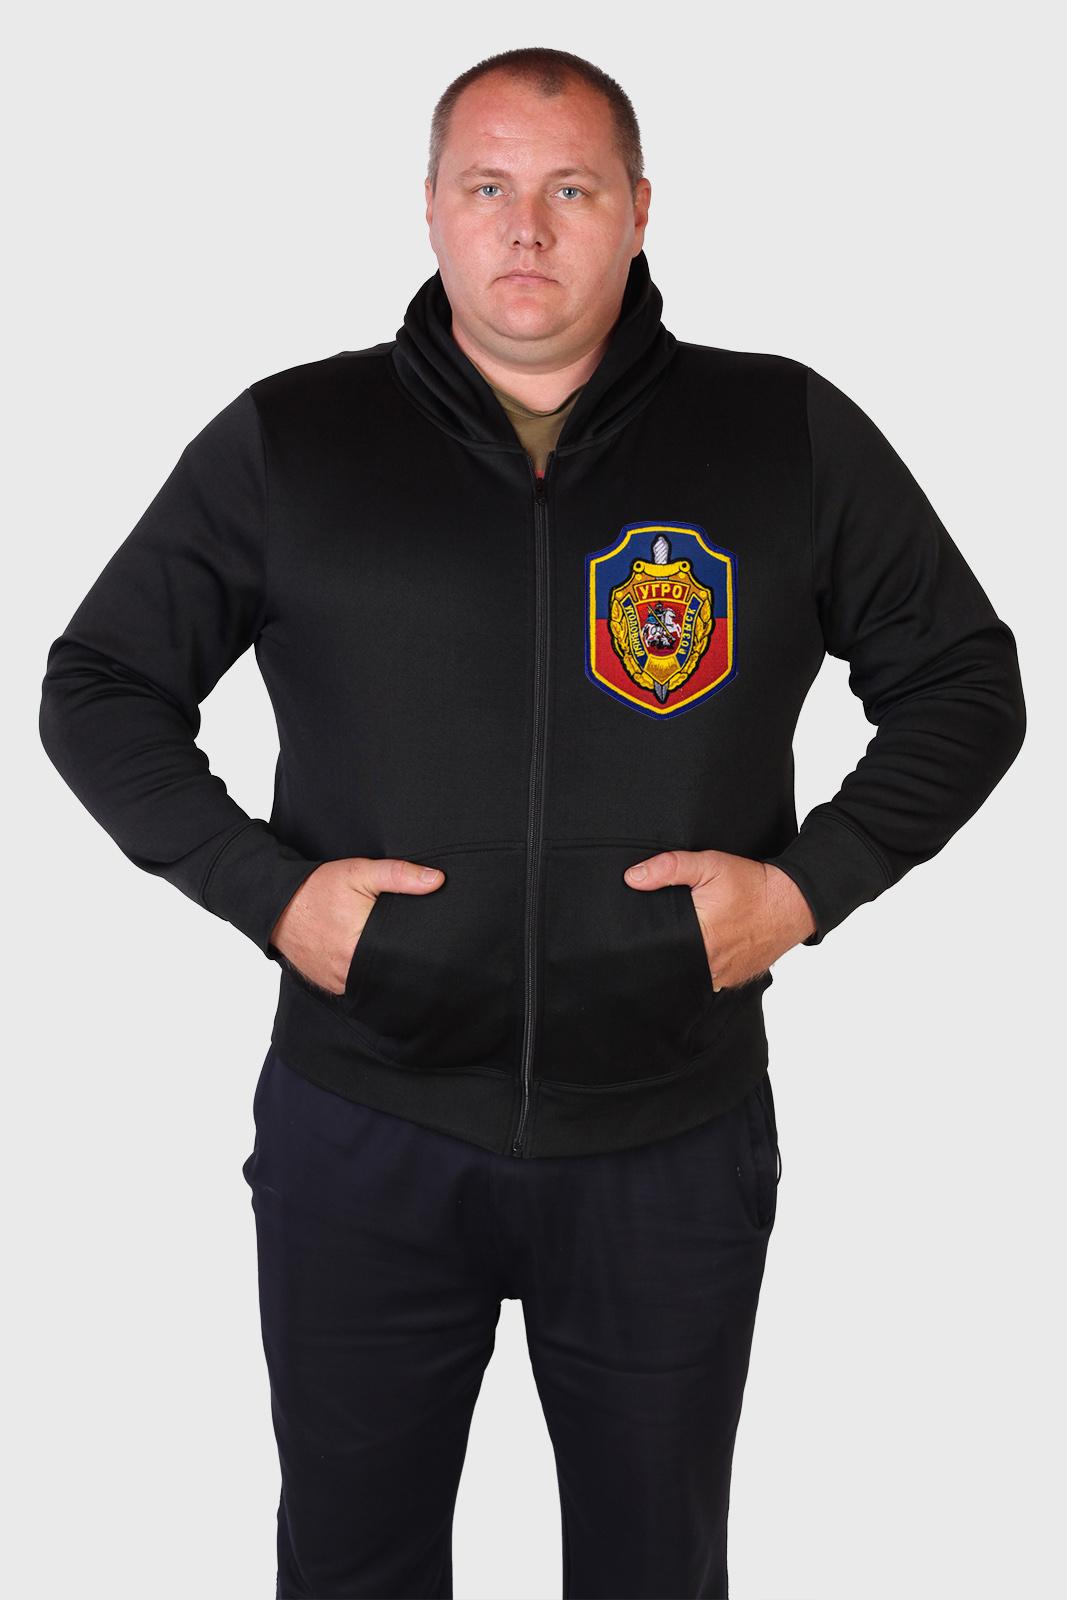 Мужские толстовки и другая одежда с символикой УГРО